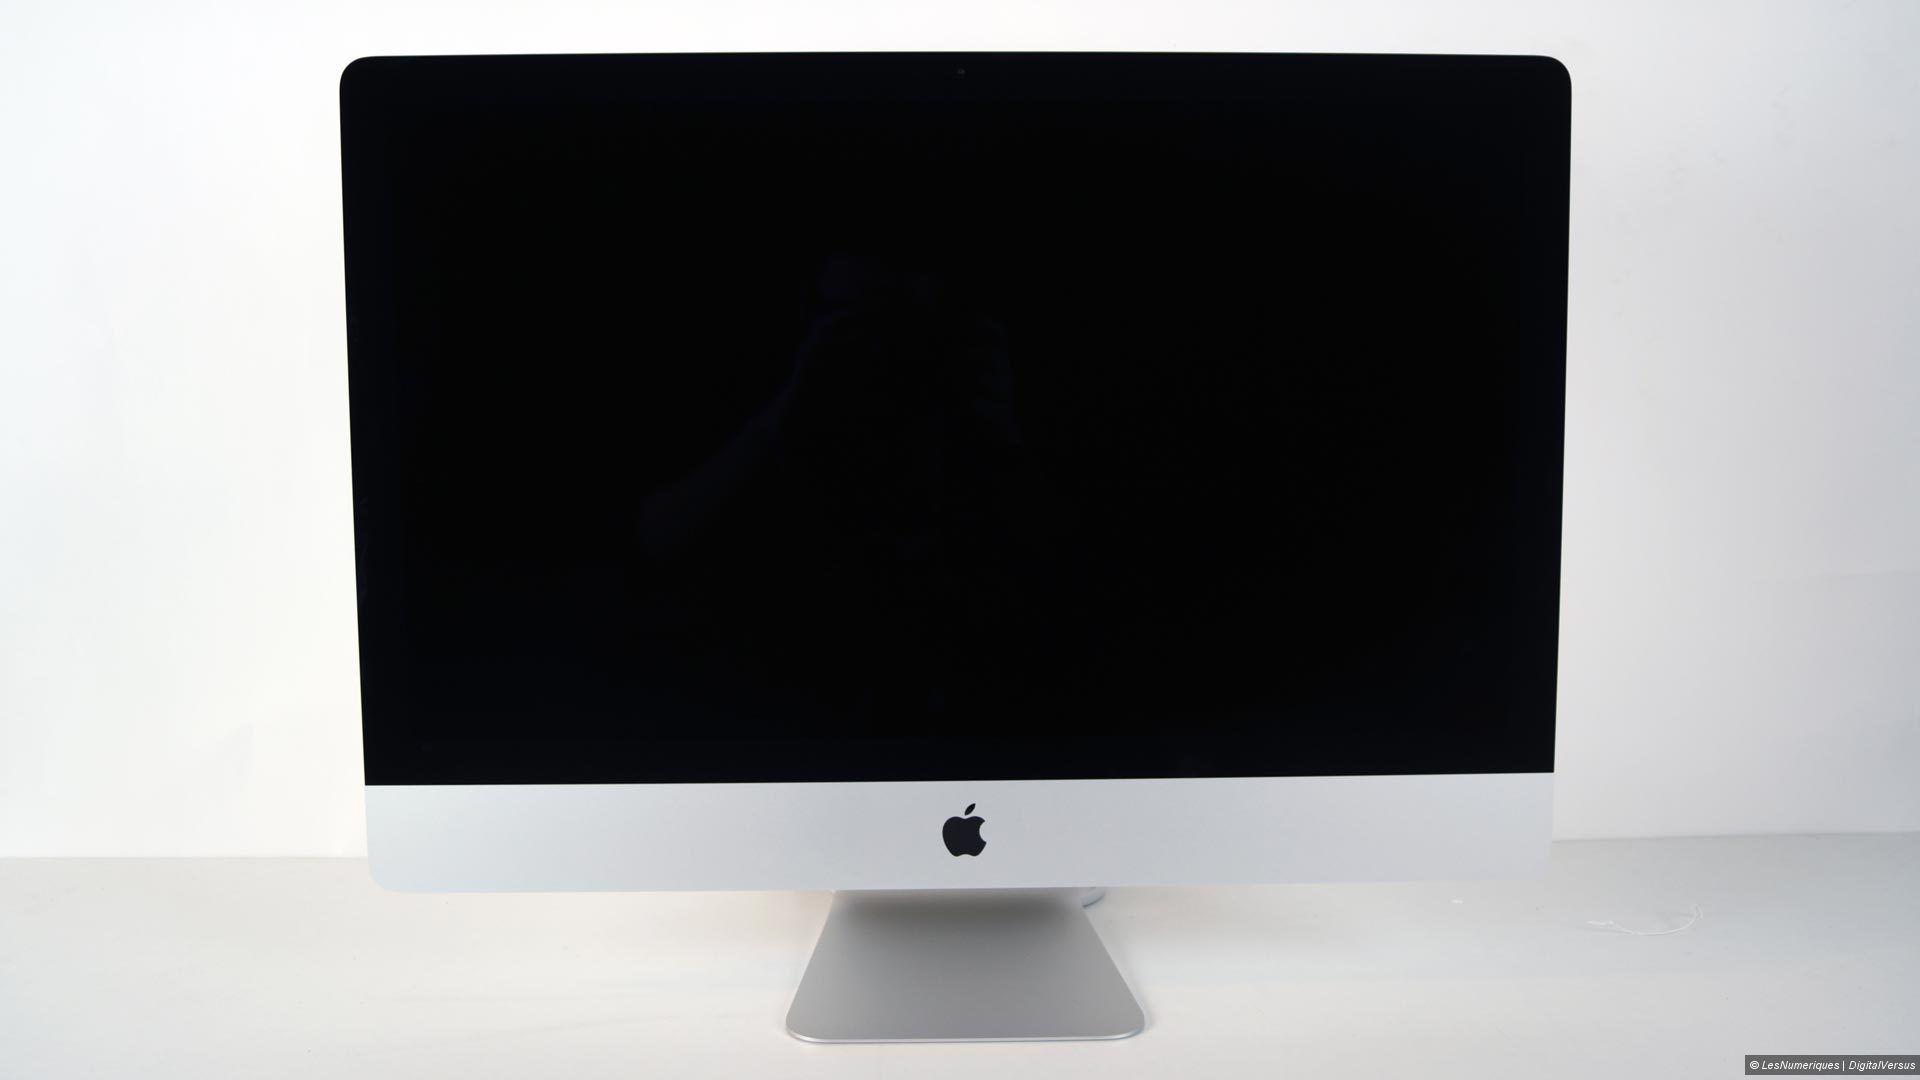 Apple imac 27 pouces retina : test complet ordinateur les numériques